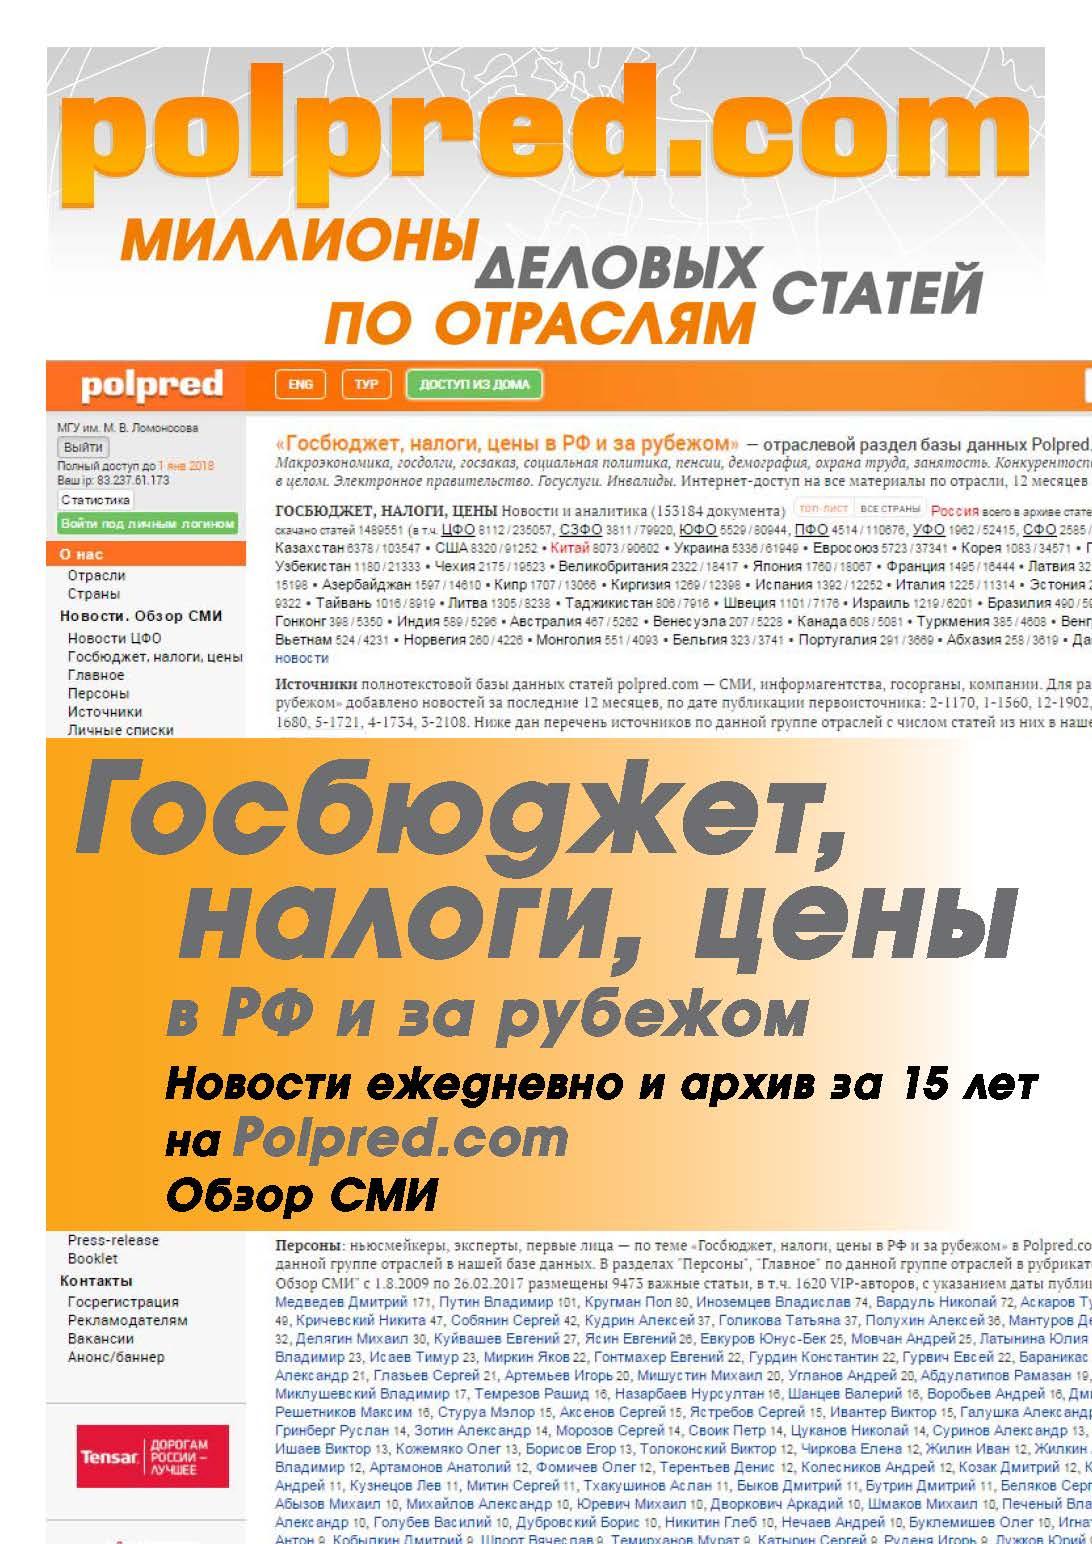 Госбюджет потратит около 6 миллионов рублей на анализ эффективности регулирования туризма